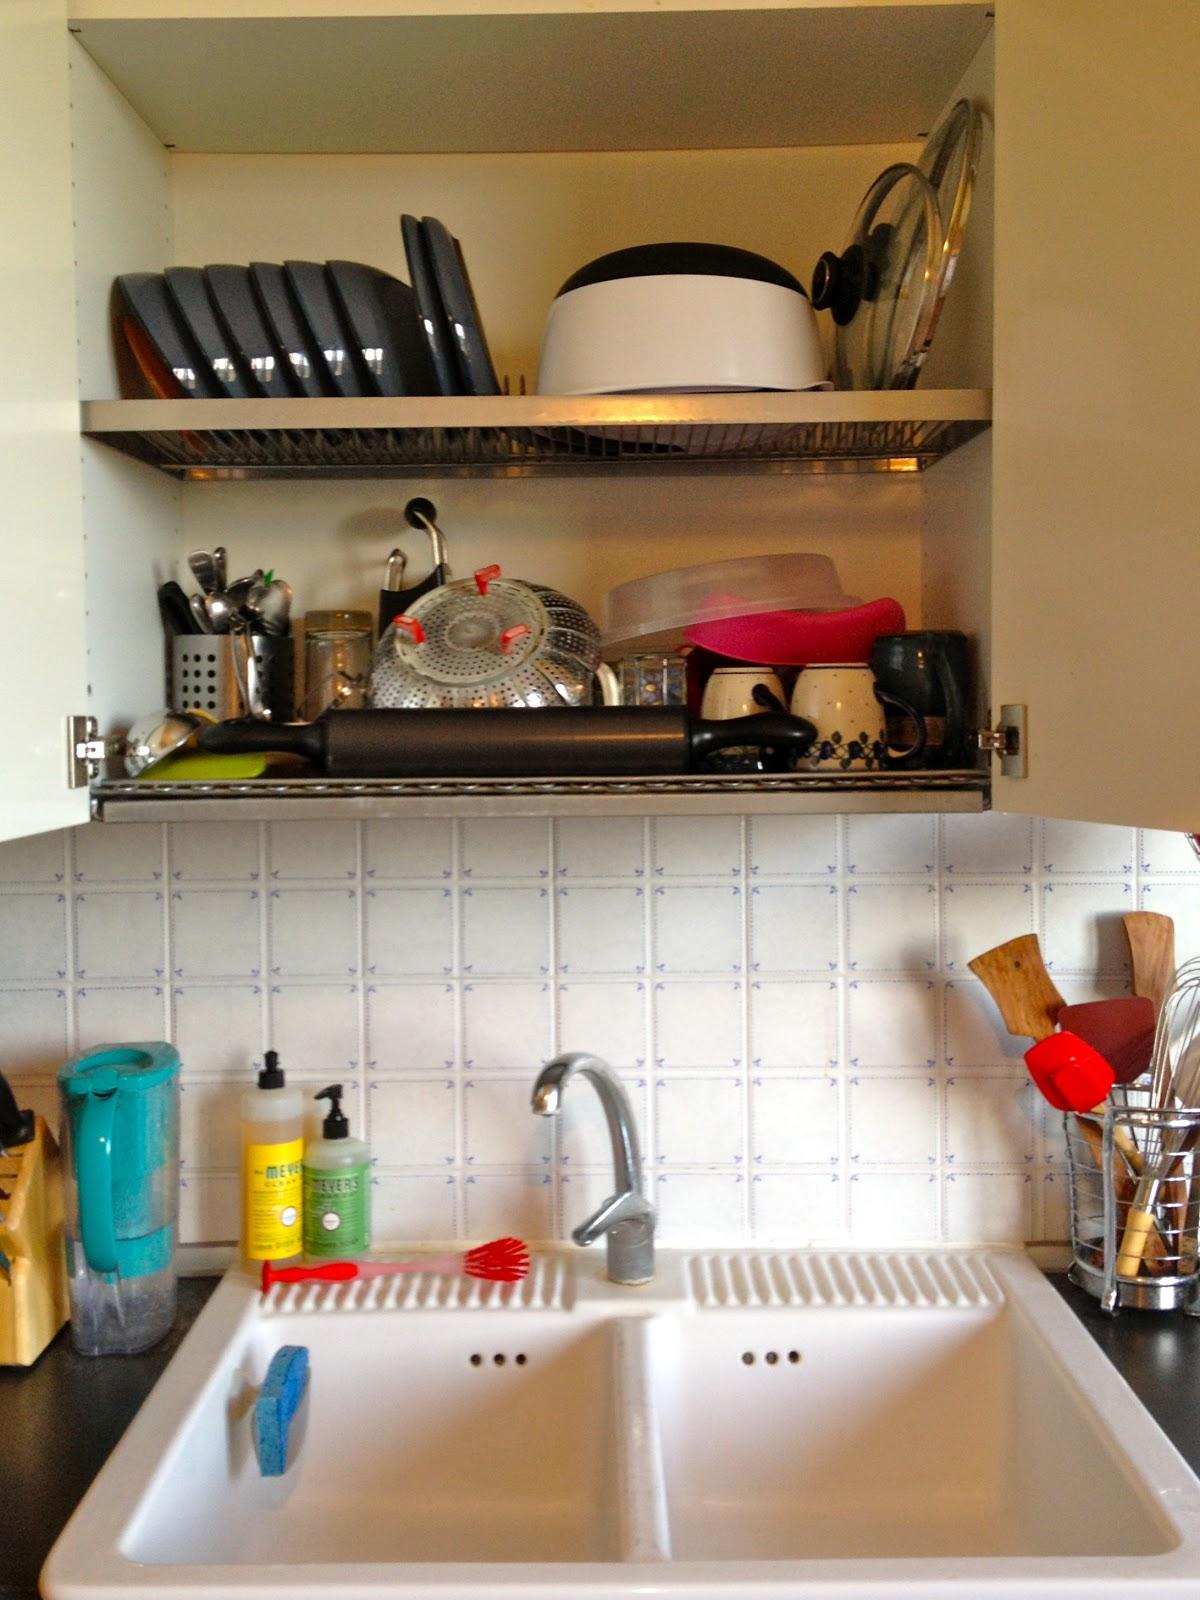 why Italian kitchens make me happy Becca Garber